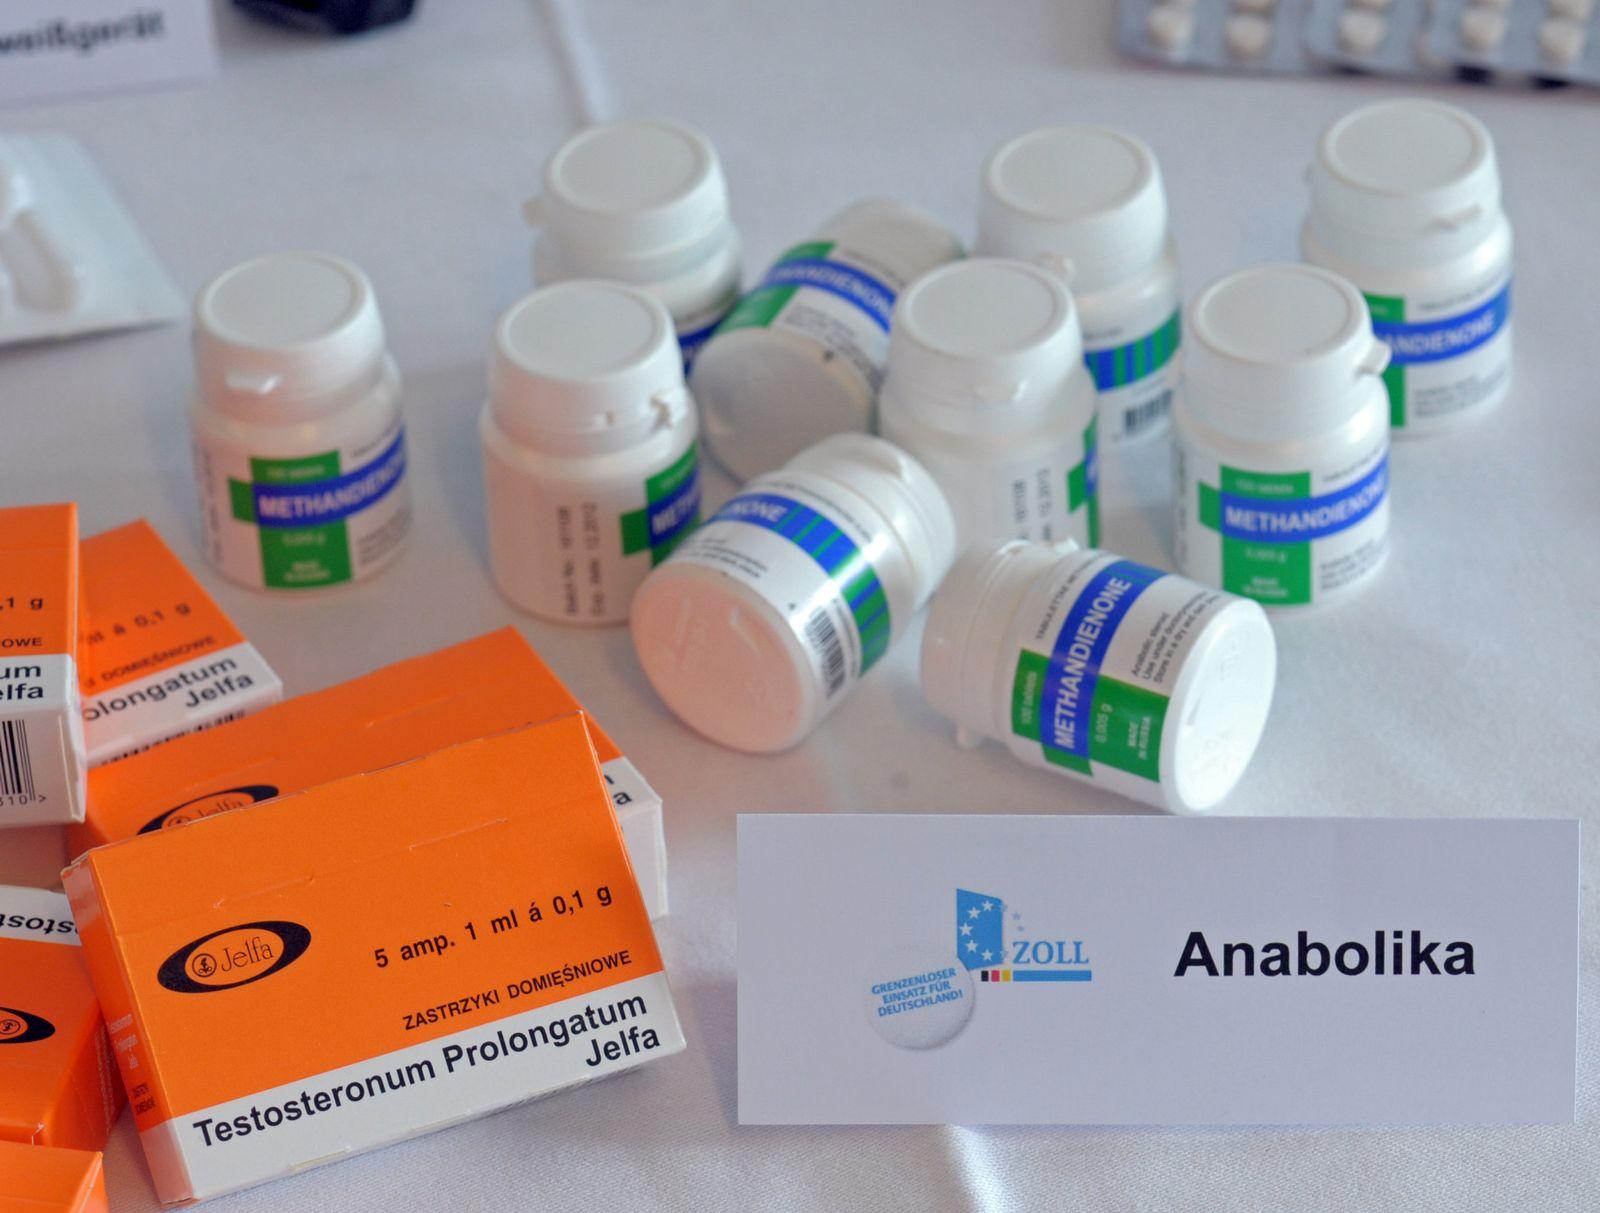 Anabolika